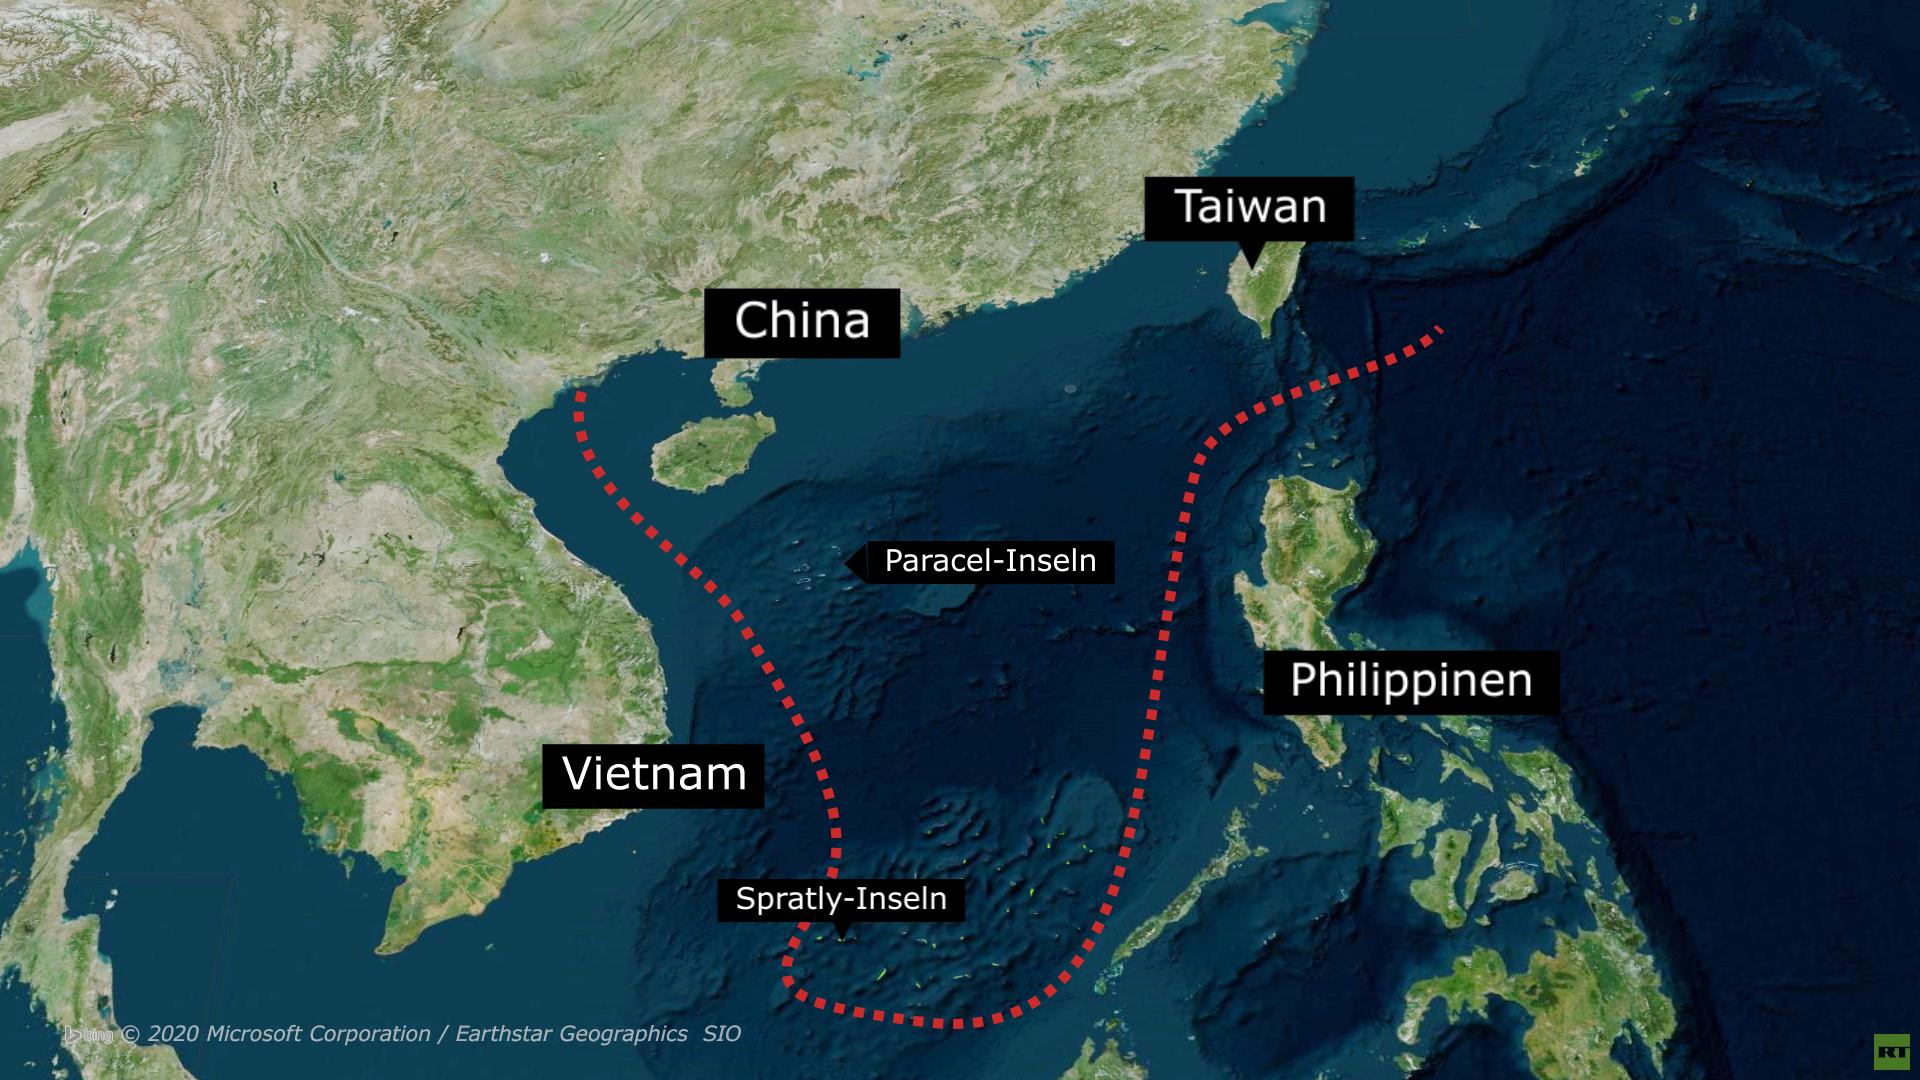 Zusammenprall zweier Ordnungsmodelle: Der Konflikt um das Südchinesische Meer